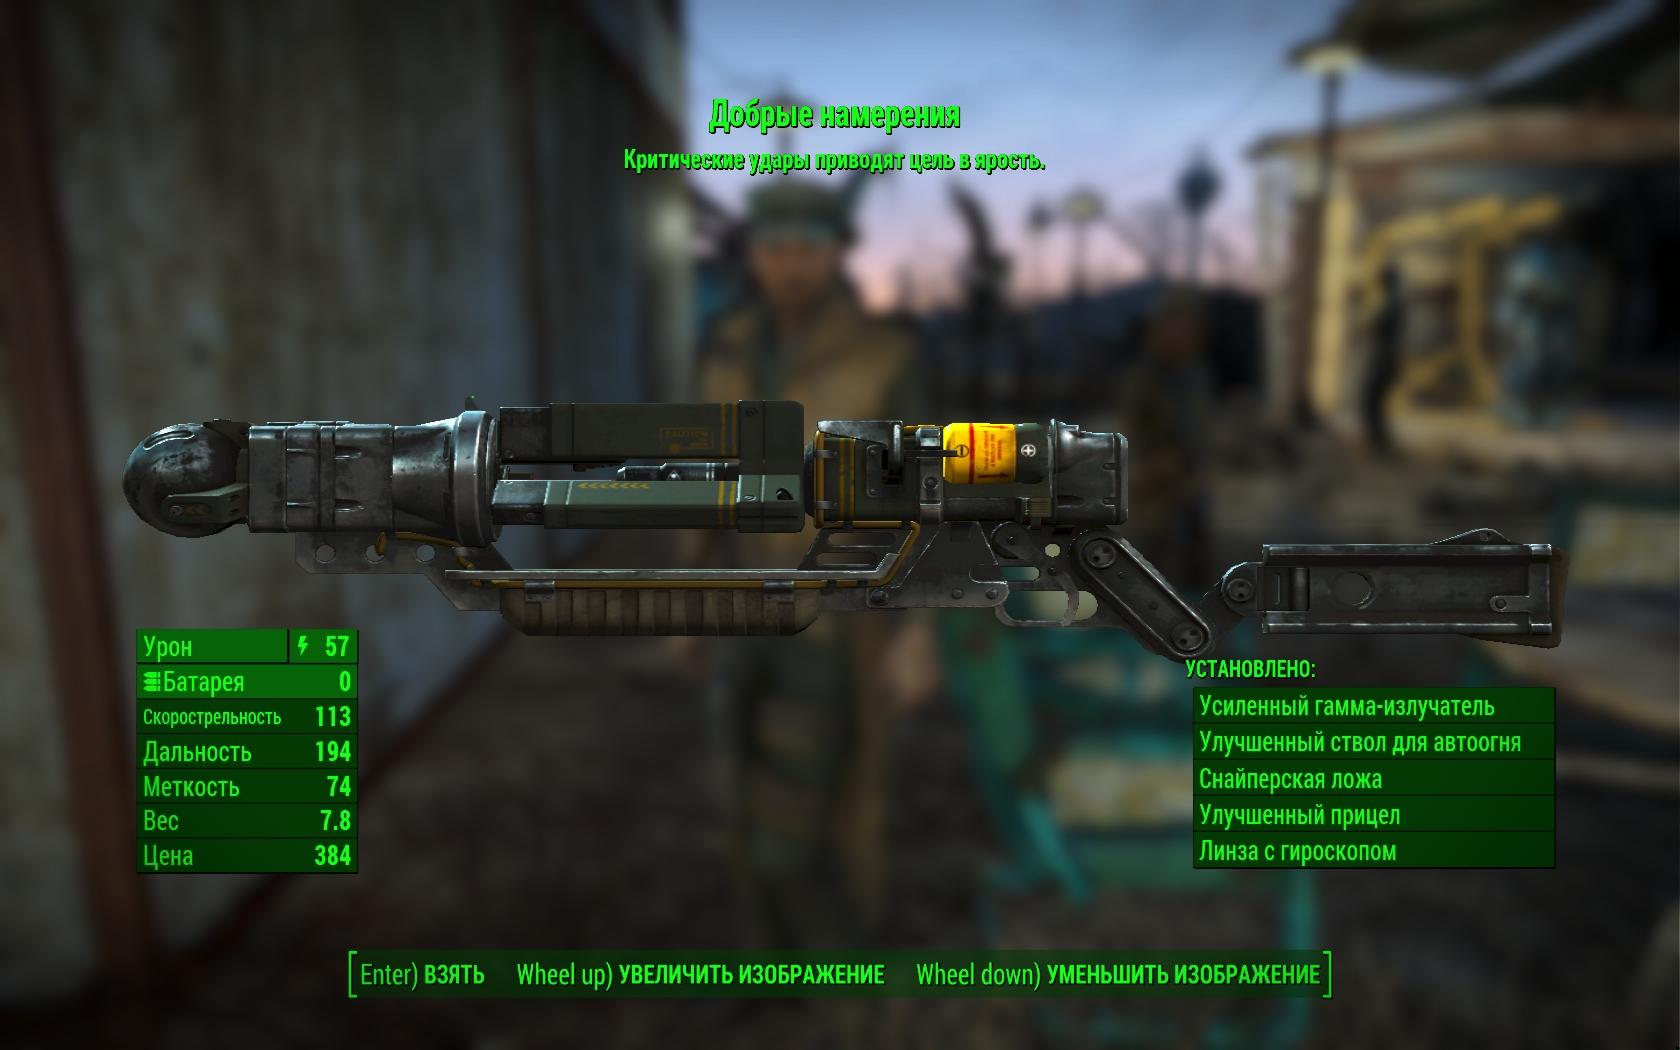 Добрые намерения (Маккриди сам снял с Клинта в Руинах Квинси) - Fallout 4 Добрые намерения, Квинси, Клинт, Маккриди, Оружие, Руины Квинси